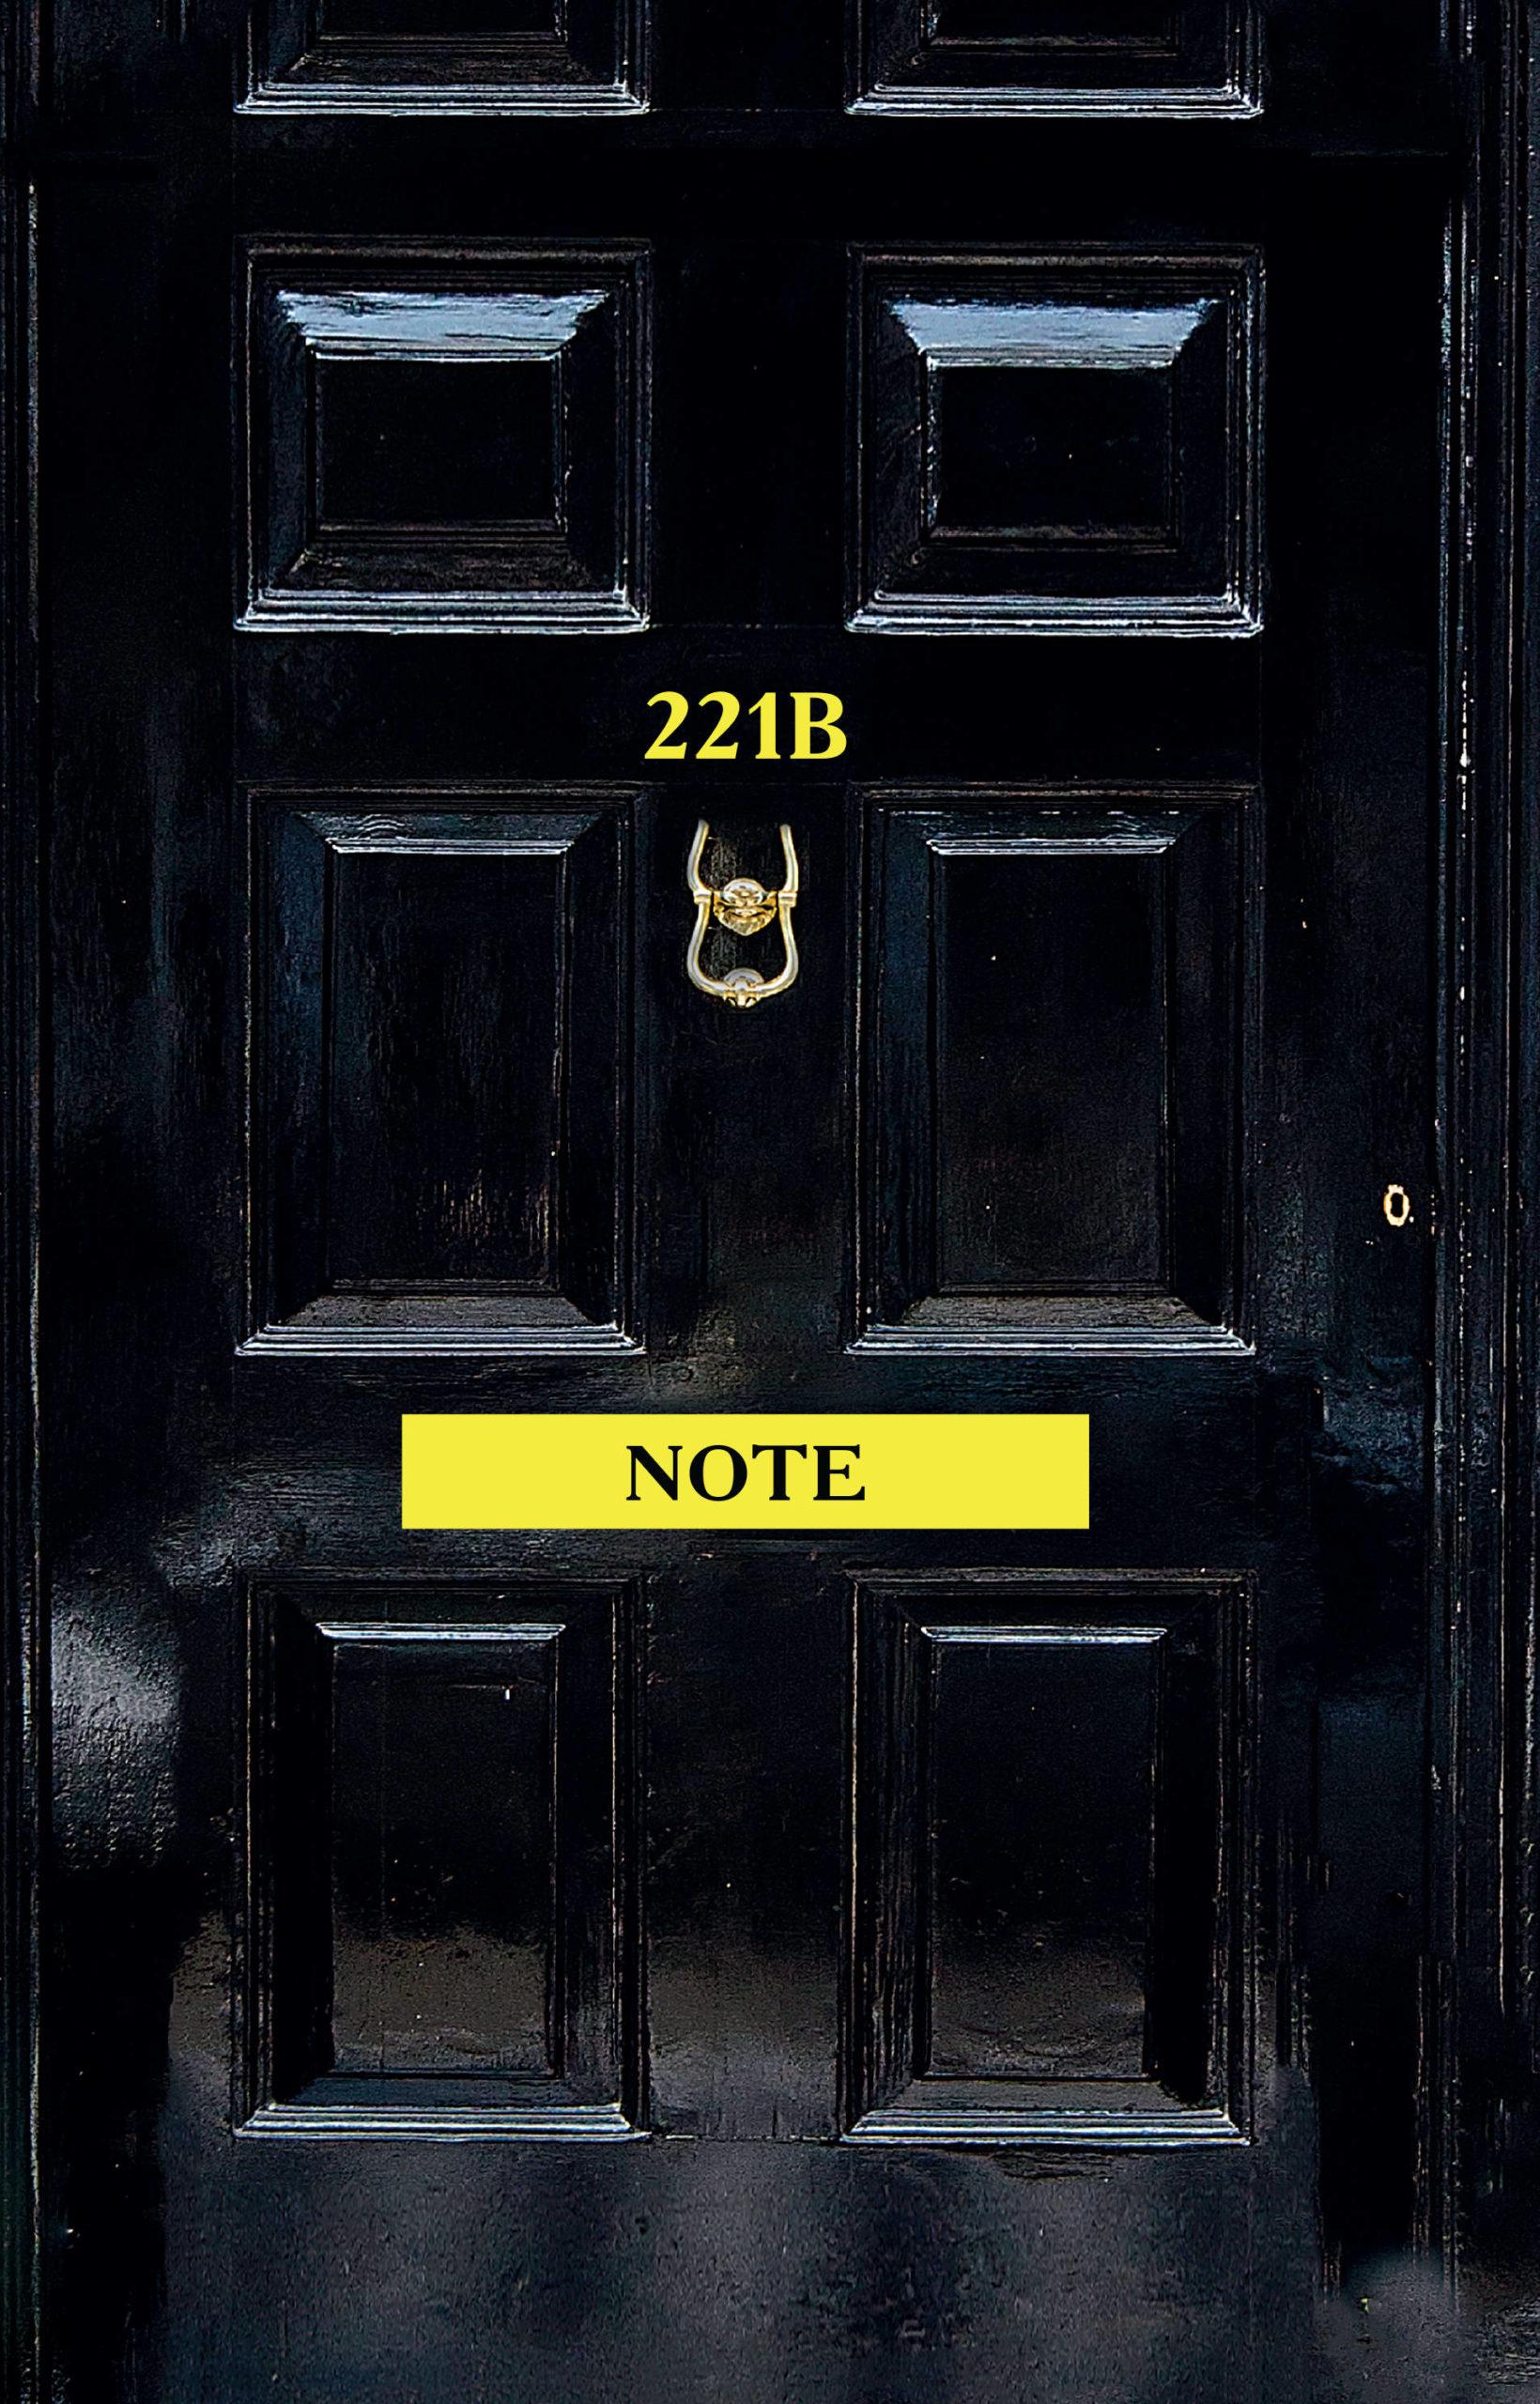 Шерлок. 221b Note.